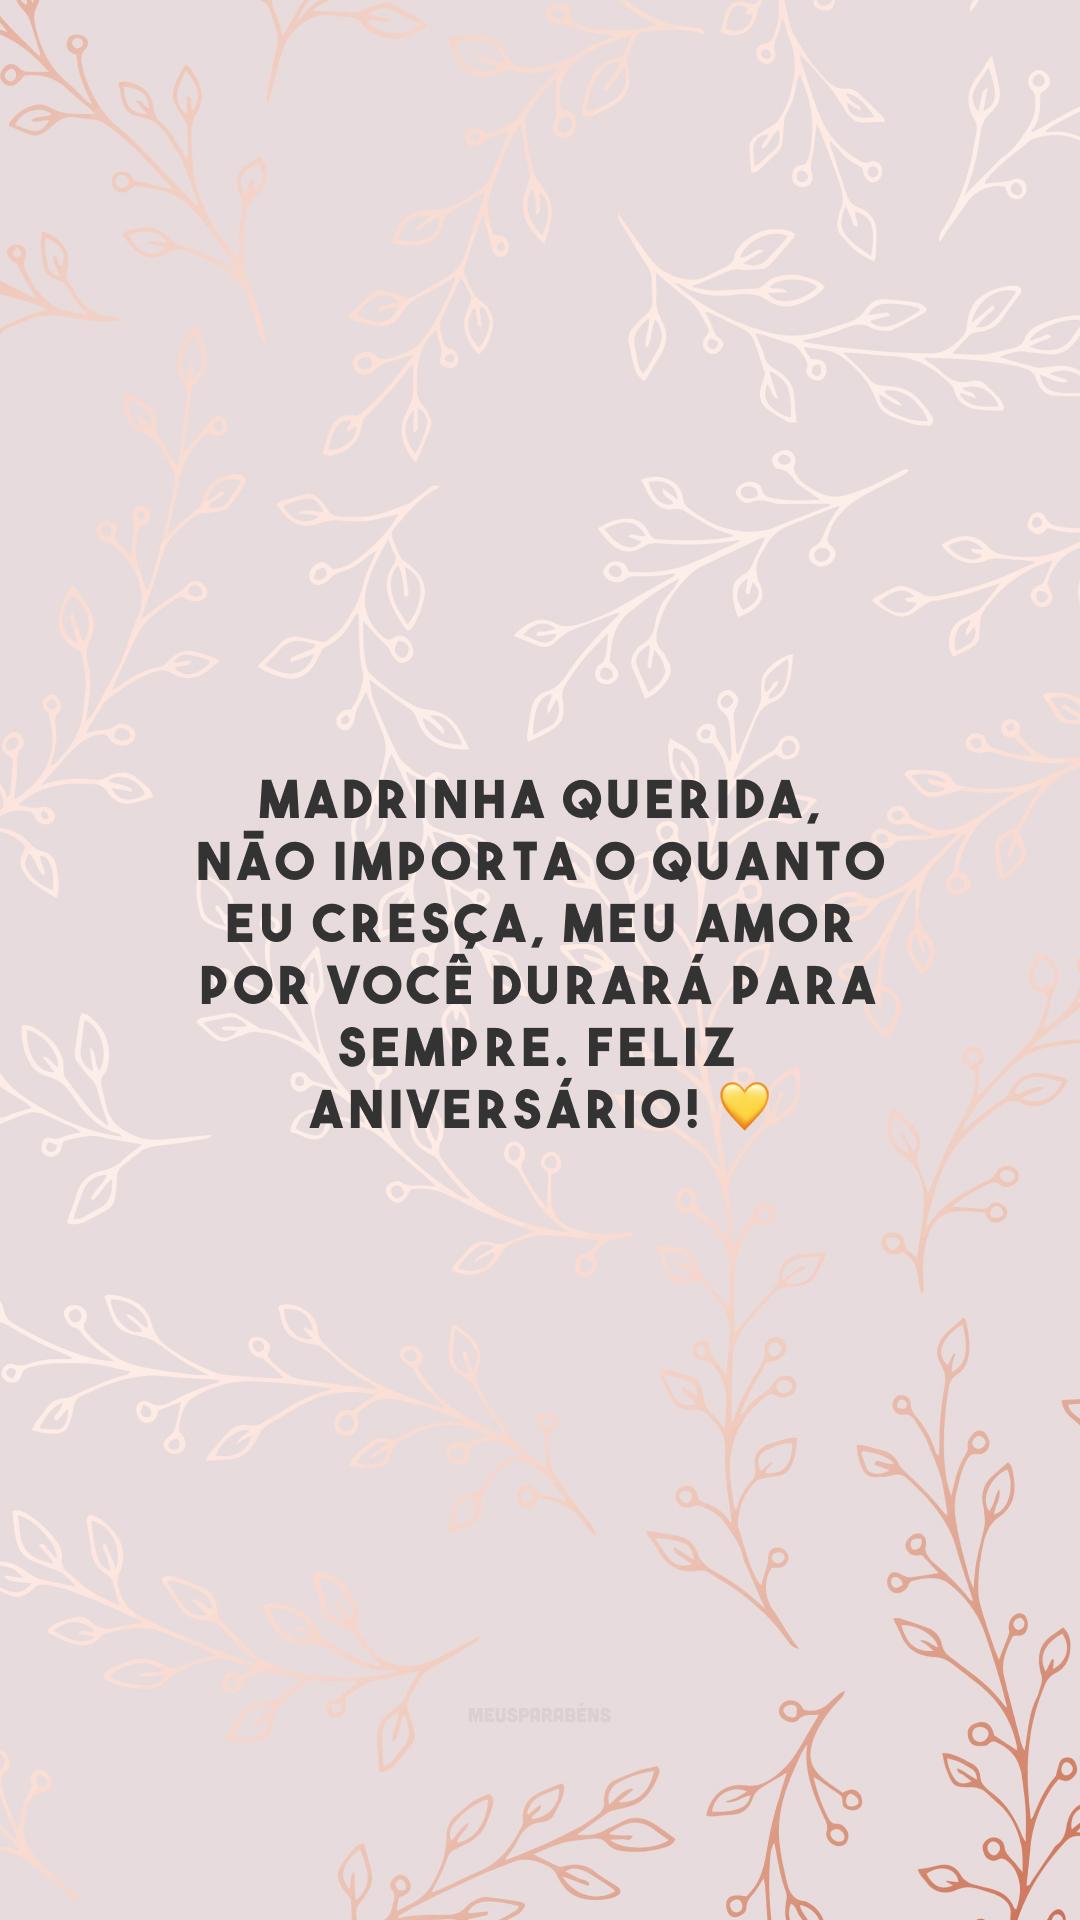 Madrinha querida, não importa o quanto eu cresça, meu amor por você durará para sempre. Feliz aniversário! 💛